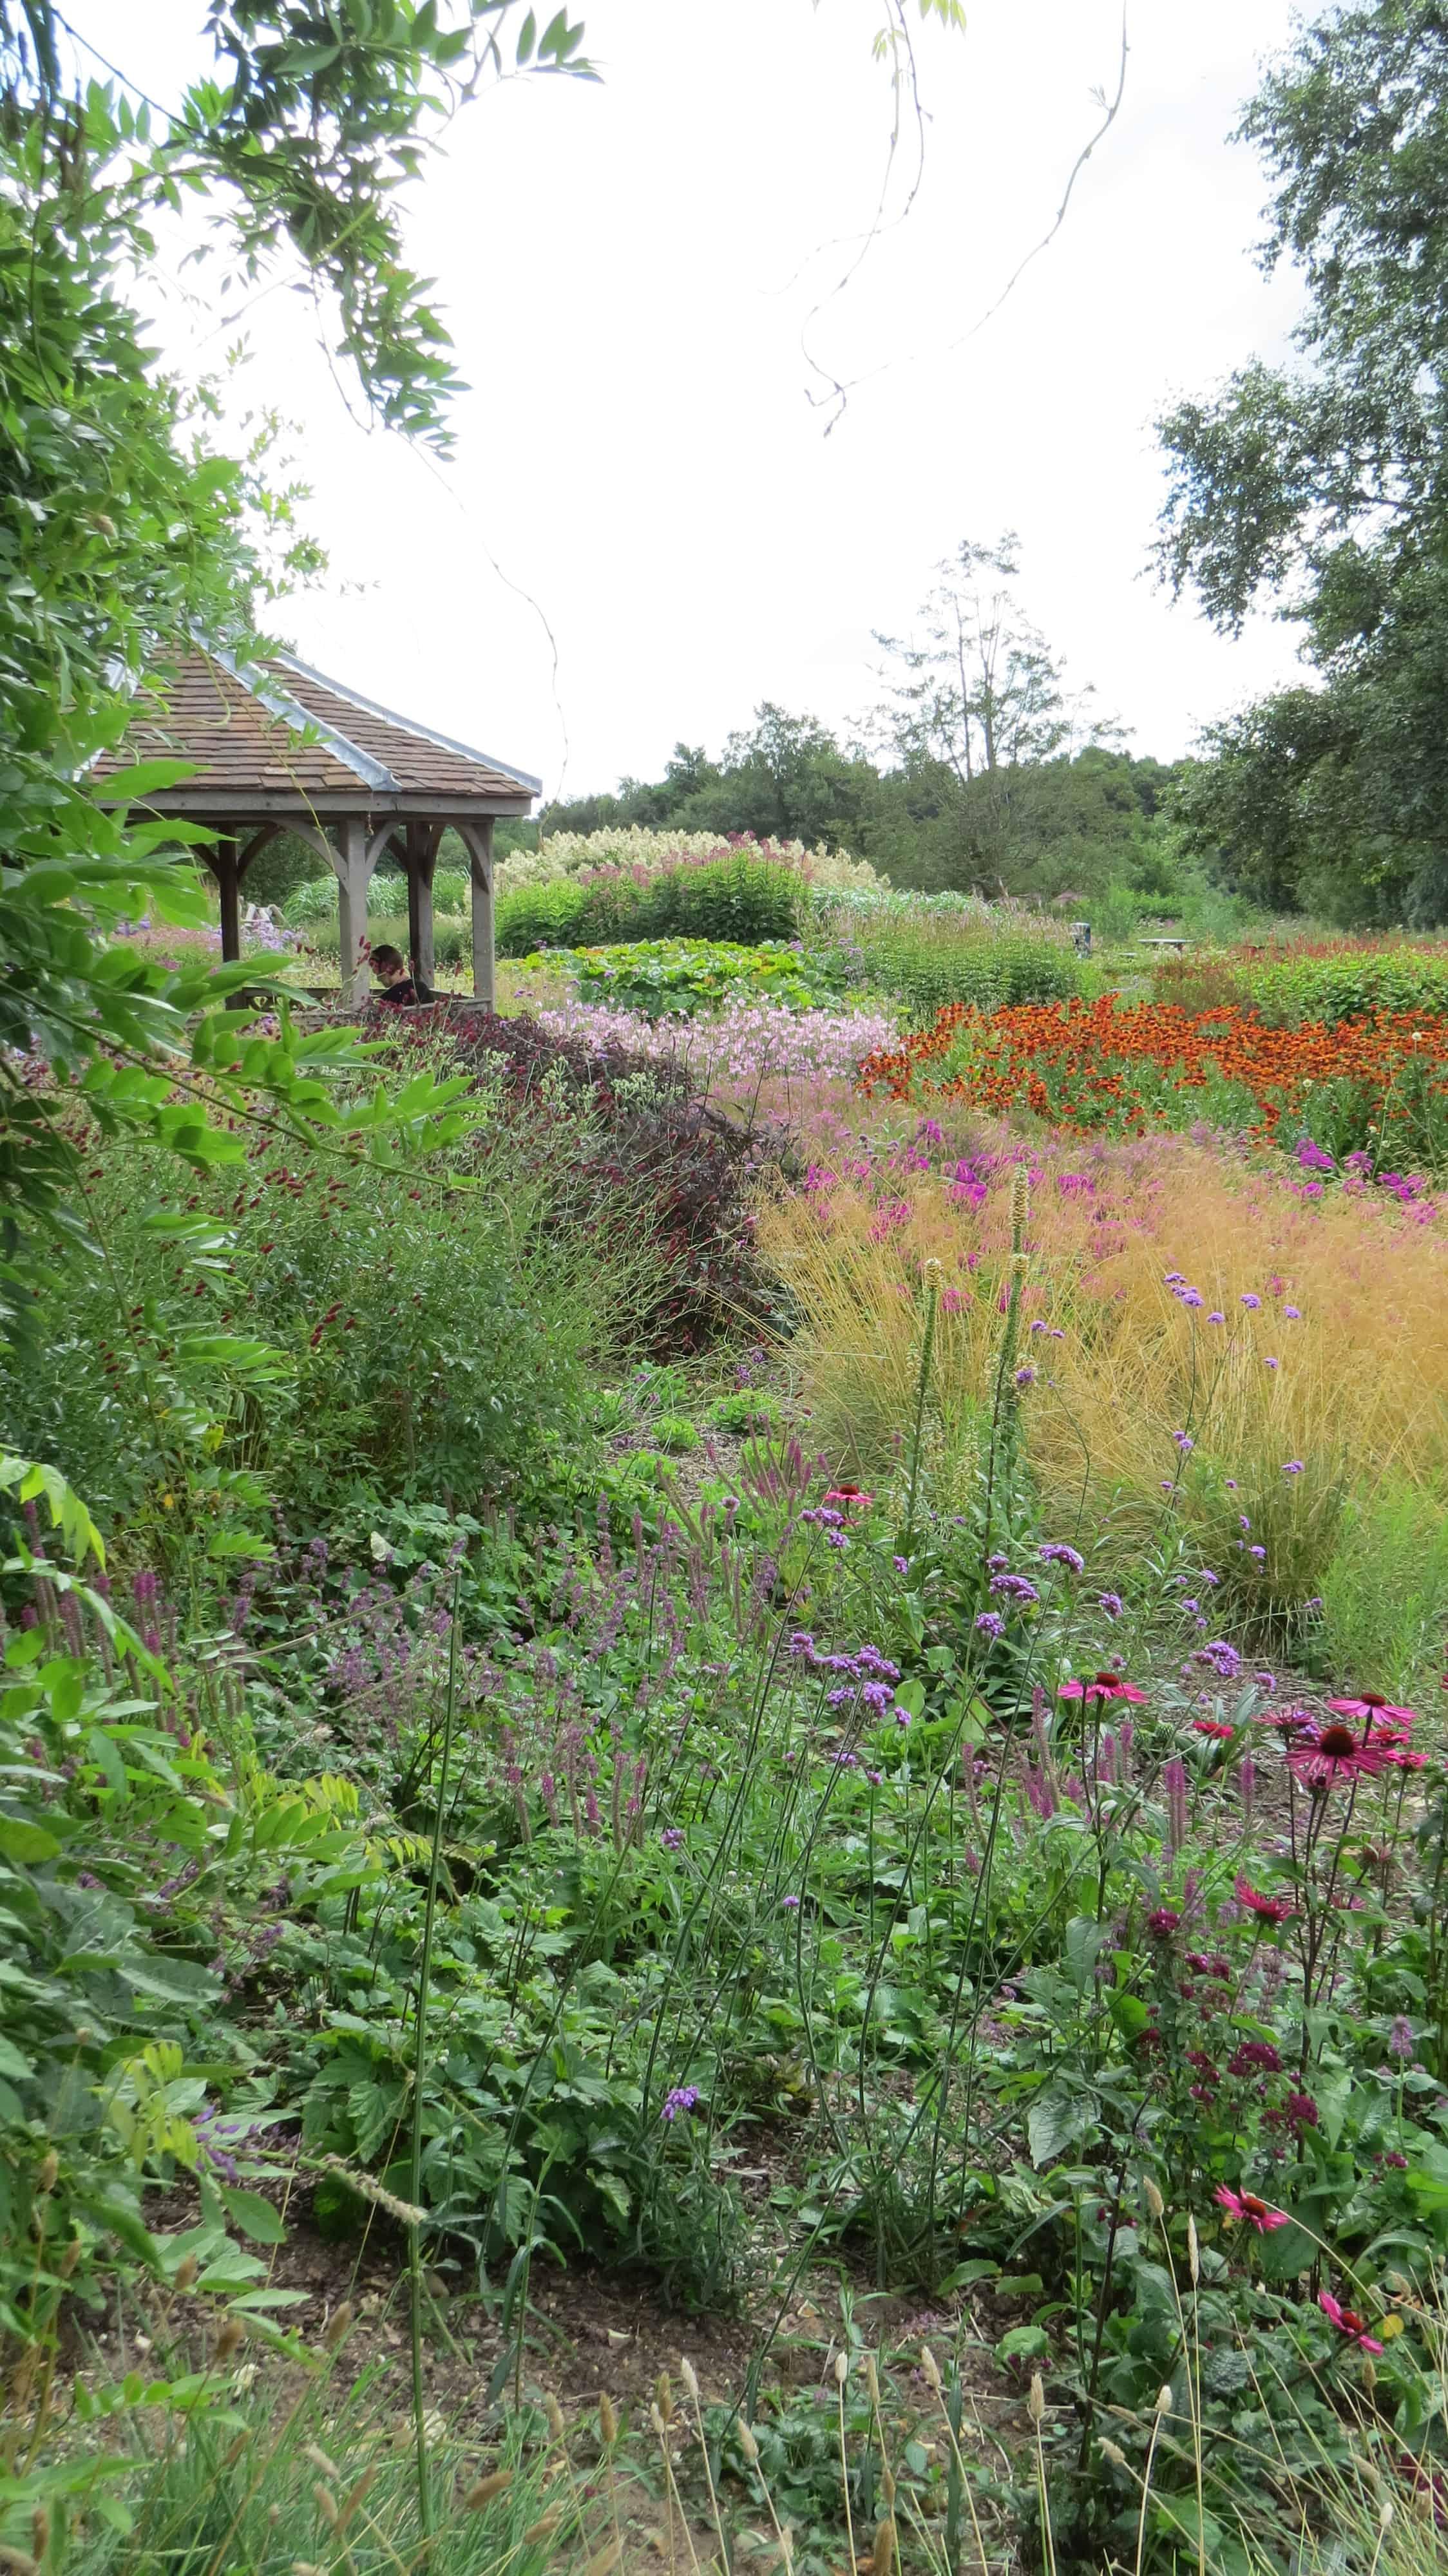 Piet oudolf on pinterest private garden public garden for Piet oudolf private garden